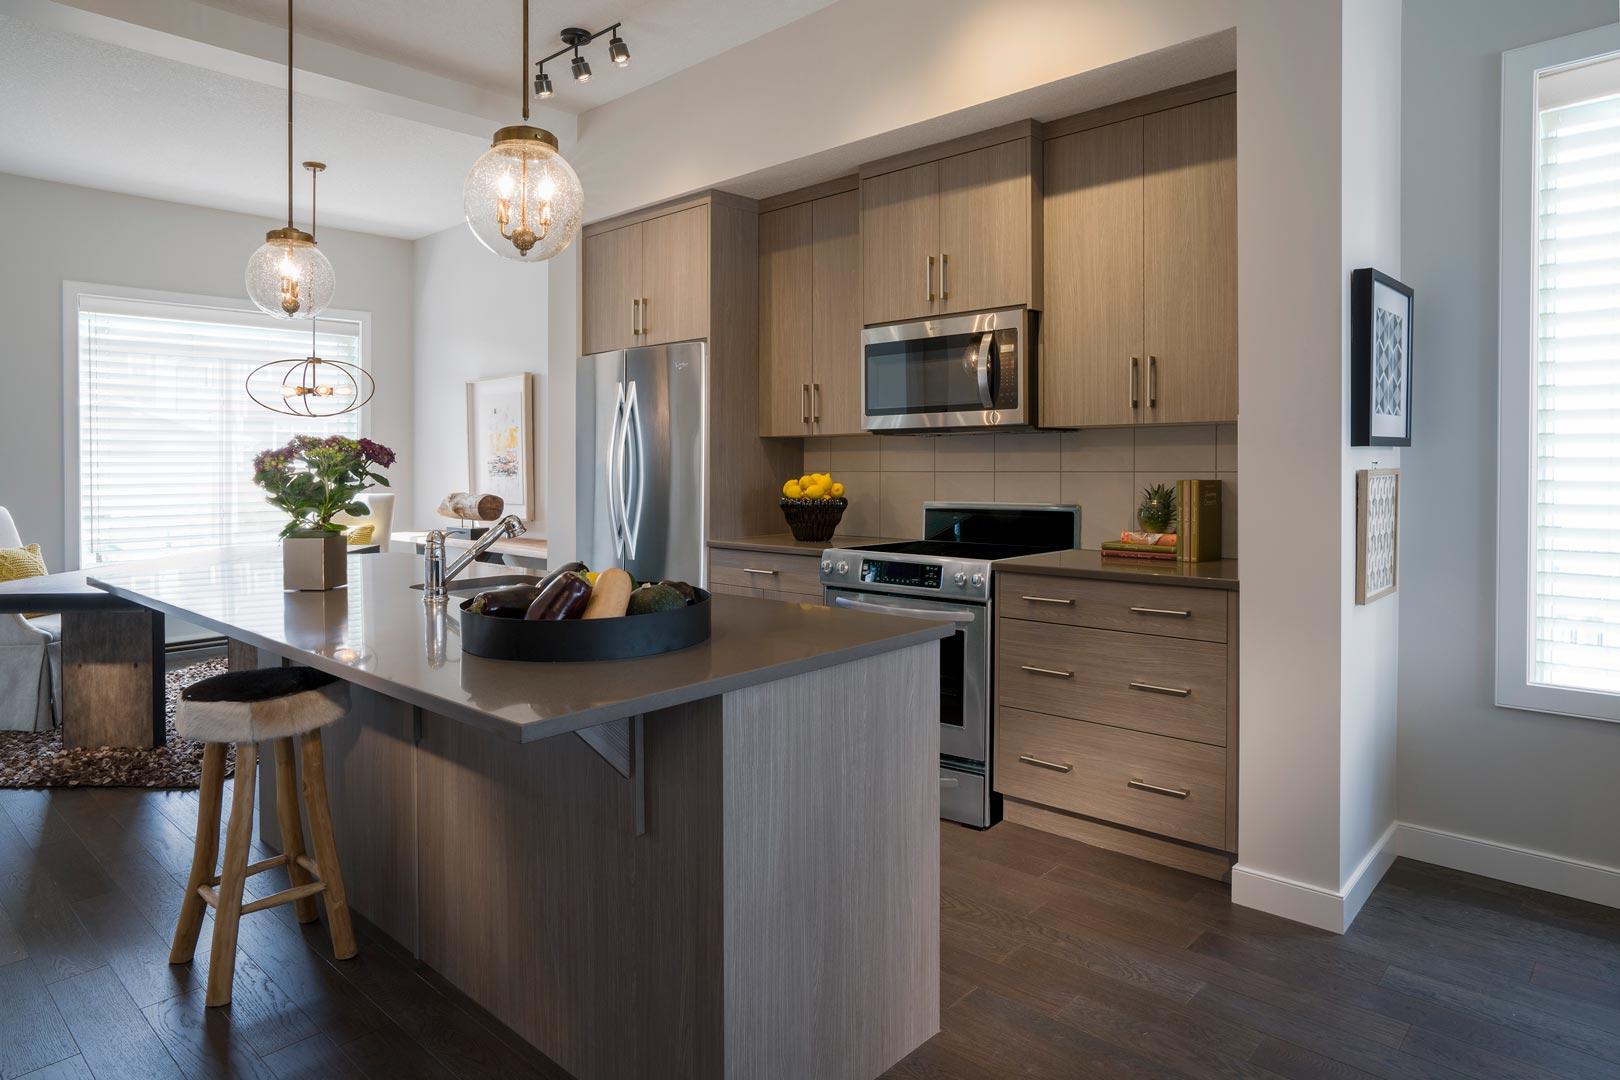 Douglas Homes Interior Image - Kitchen